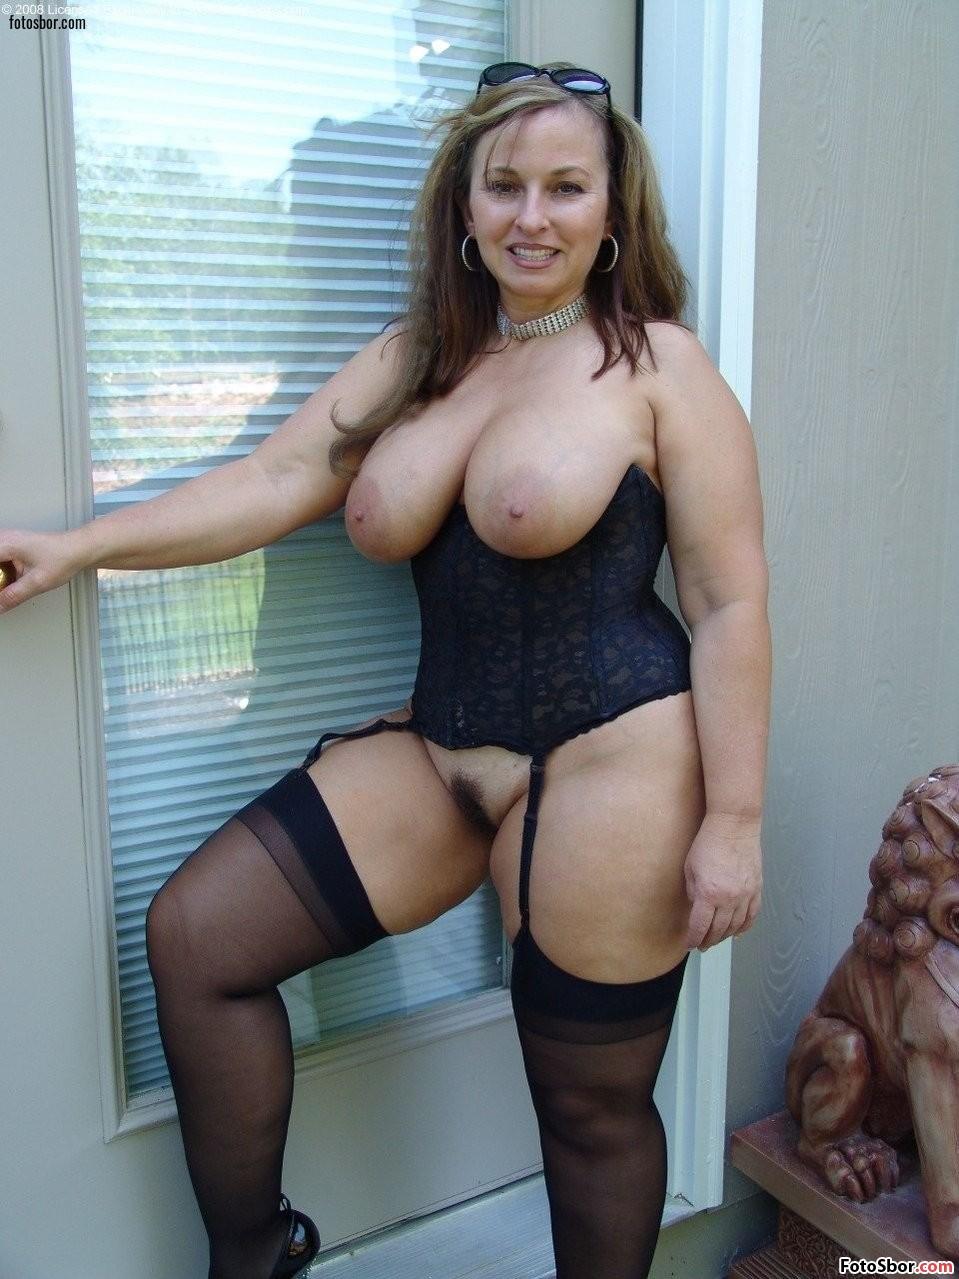 Curvy naked mom pics